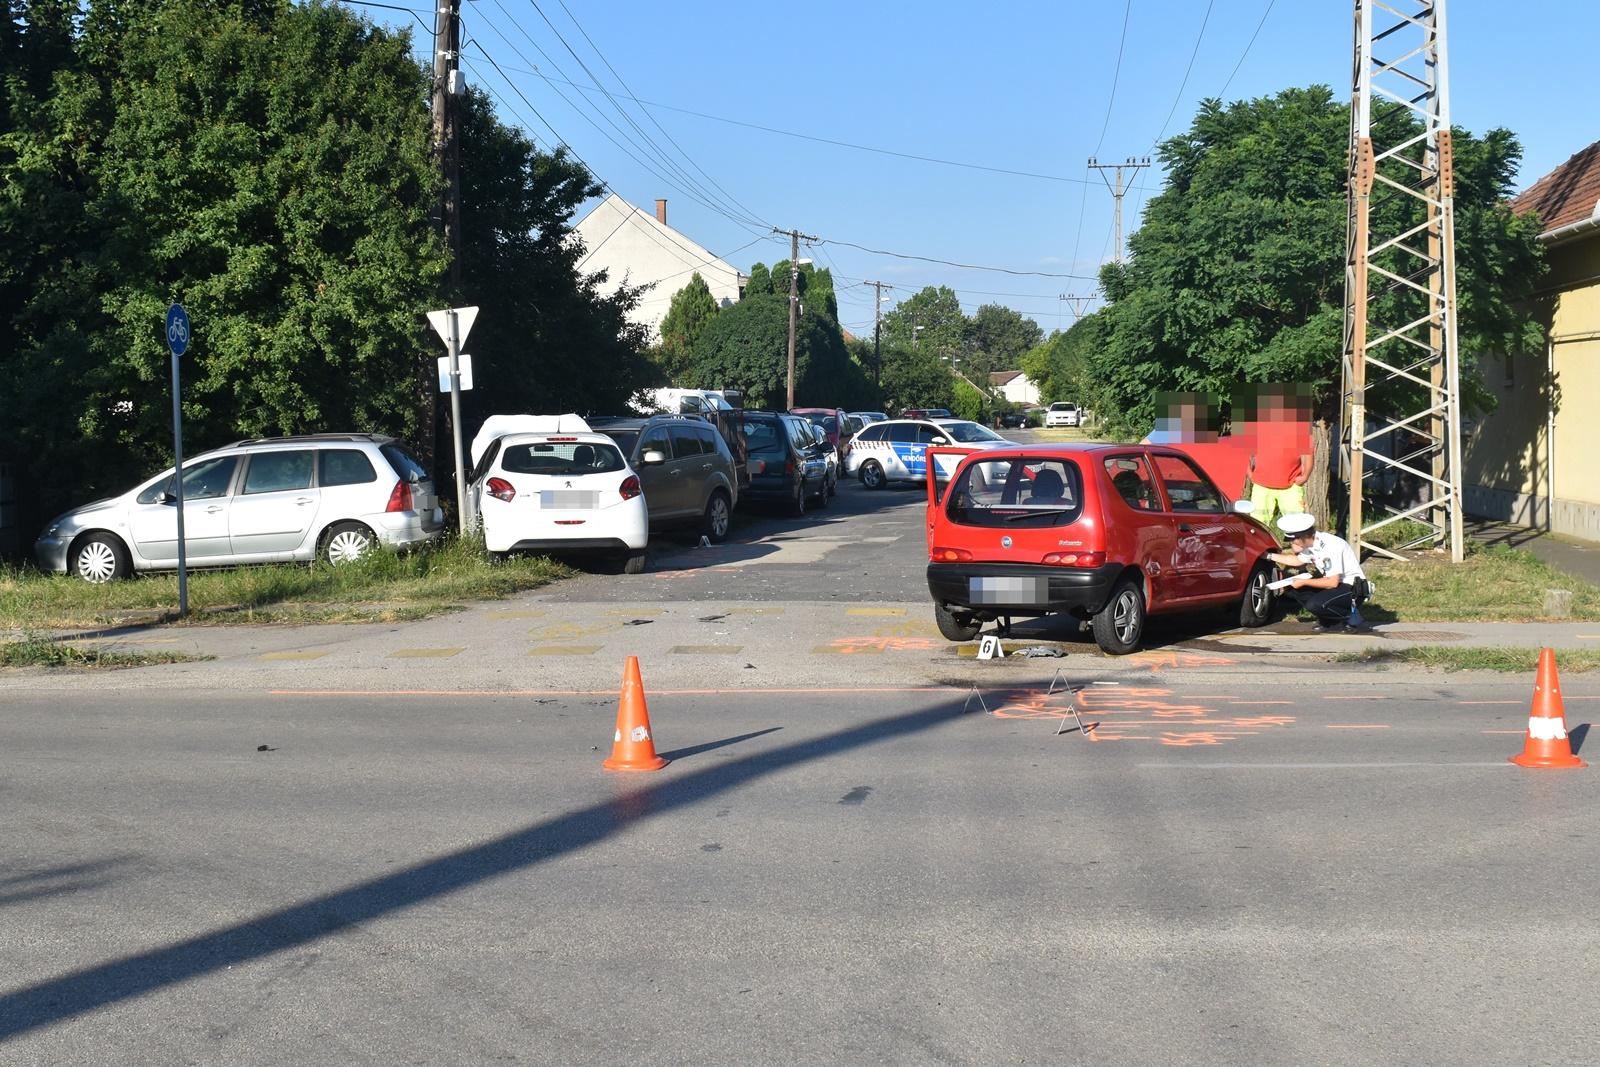 Összesen négy balesetnél helyszínelt a rendőrség